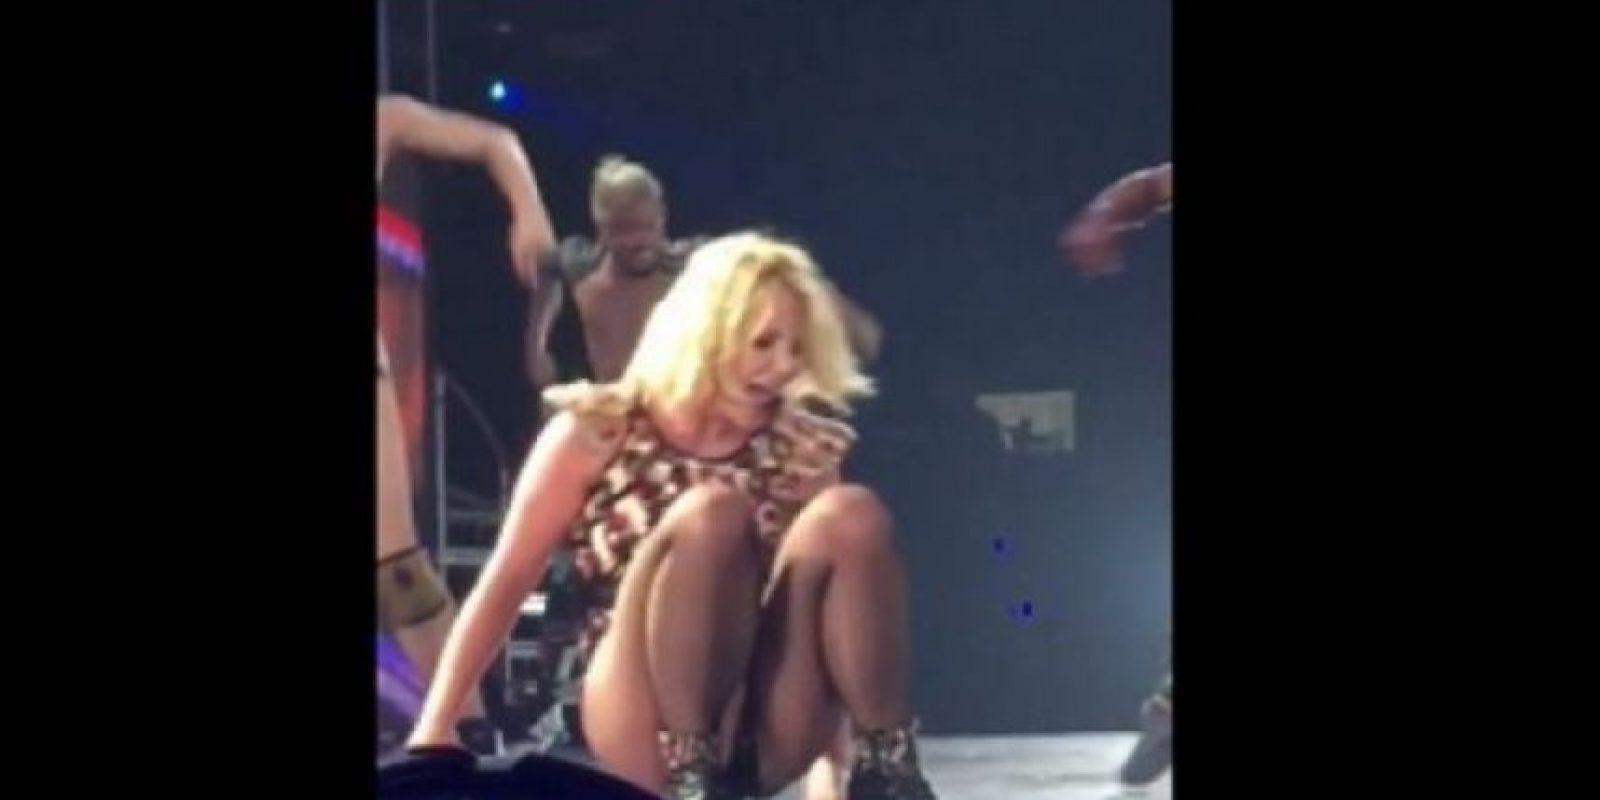 La cantante ofreció un show en el Planet Hollywood de Las Vegas y mientras saltaba en el escenario, al interpretar la última canción, su pie izquierdo se le torció, lo que provocó que terminara en el piso. Foto:YouTube